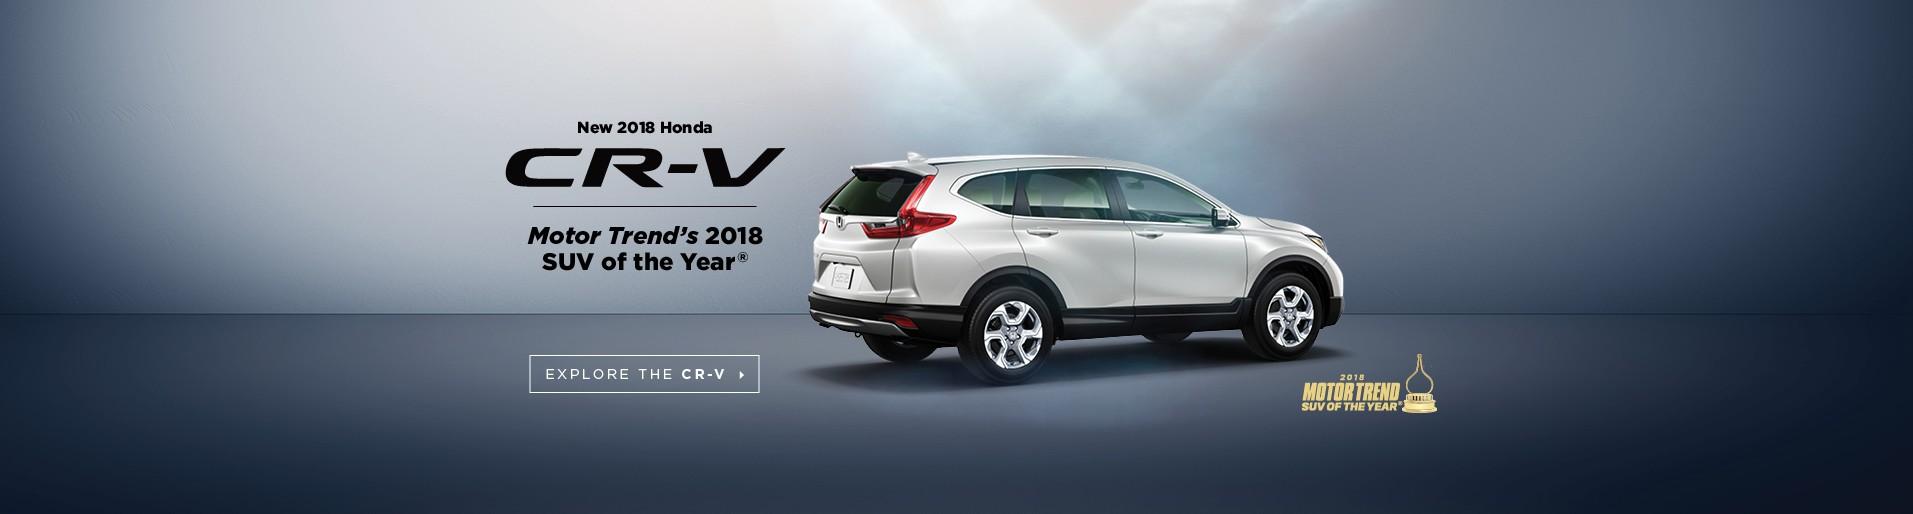 New 2018 Honda CR-V Peoria AZ